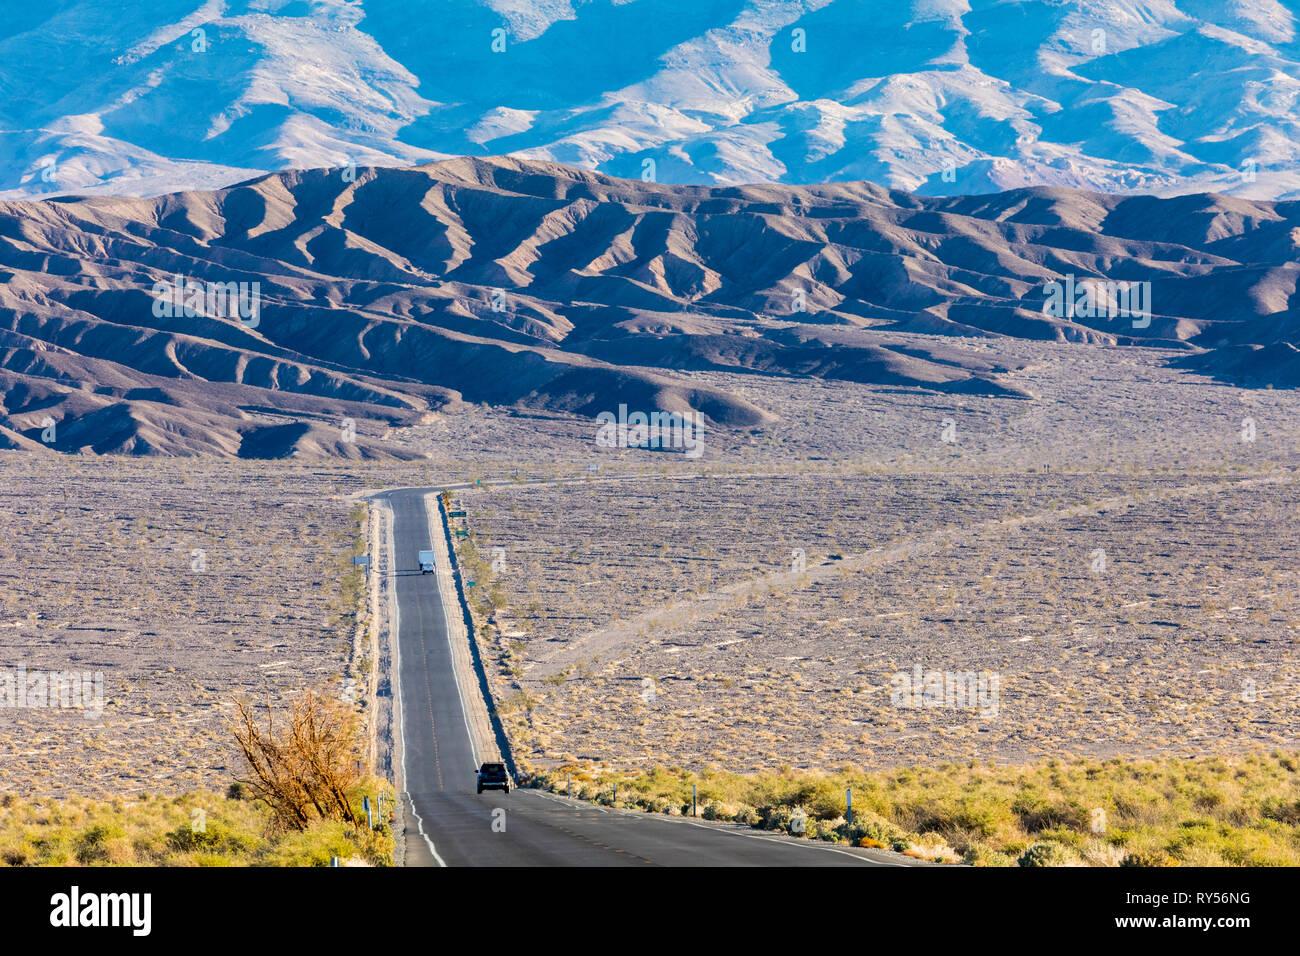 Eine Ansicht im Devils Cornfield entlang der Autobahn 190, Death Valley National Park Stockbild